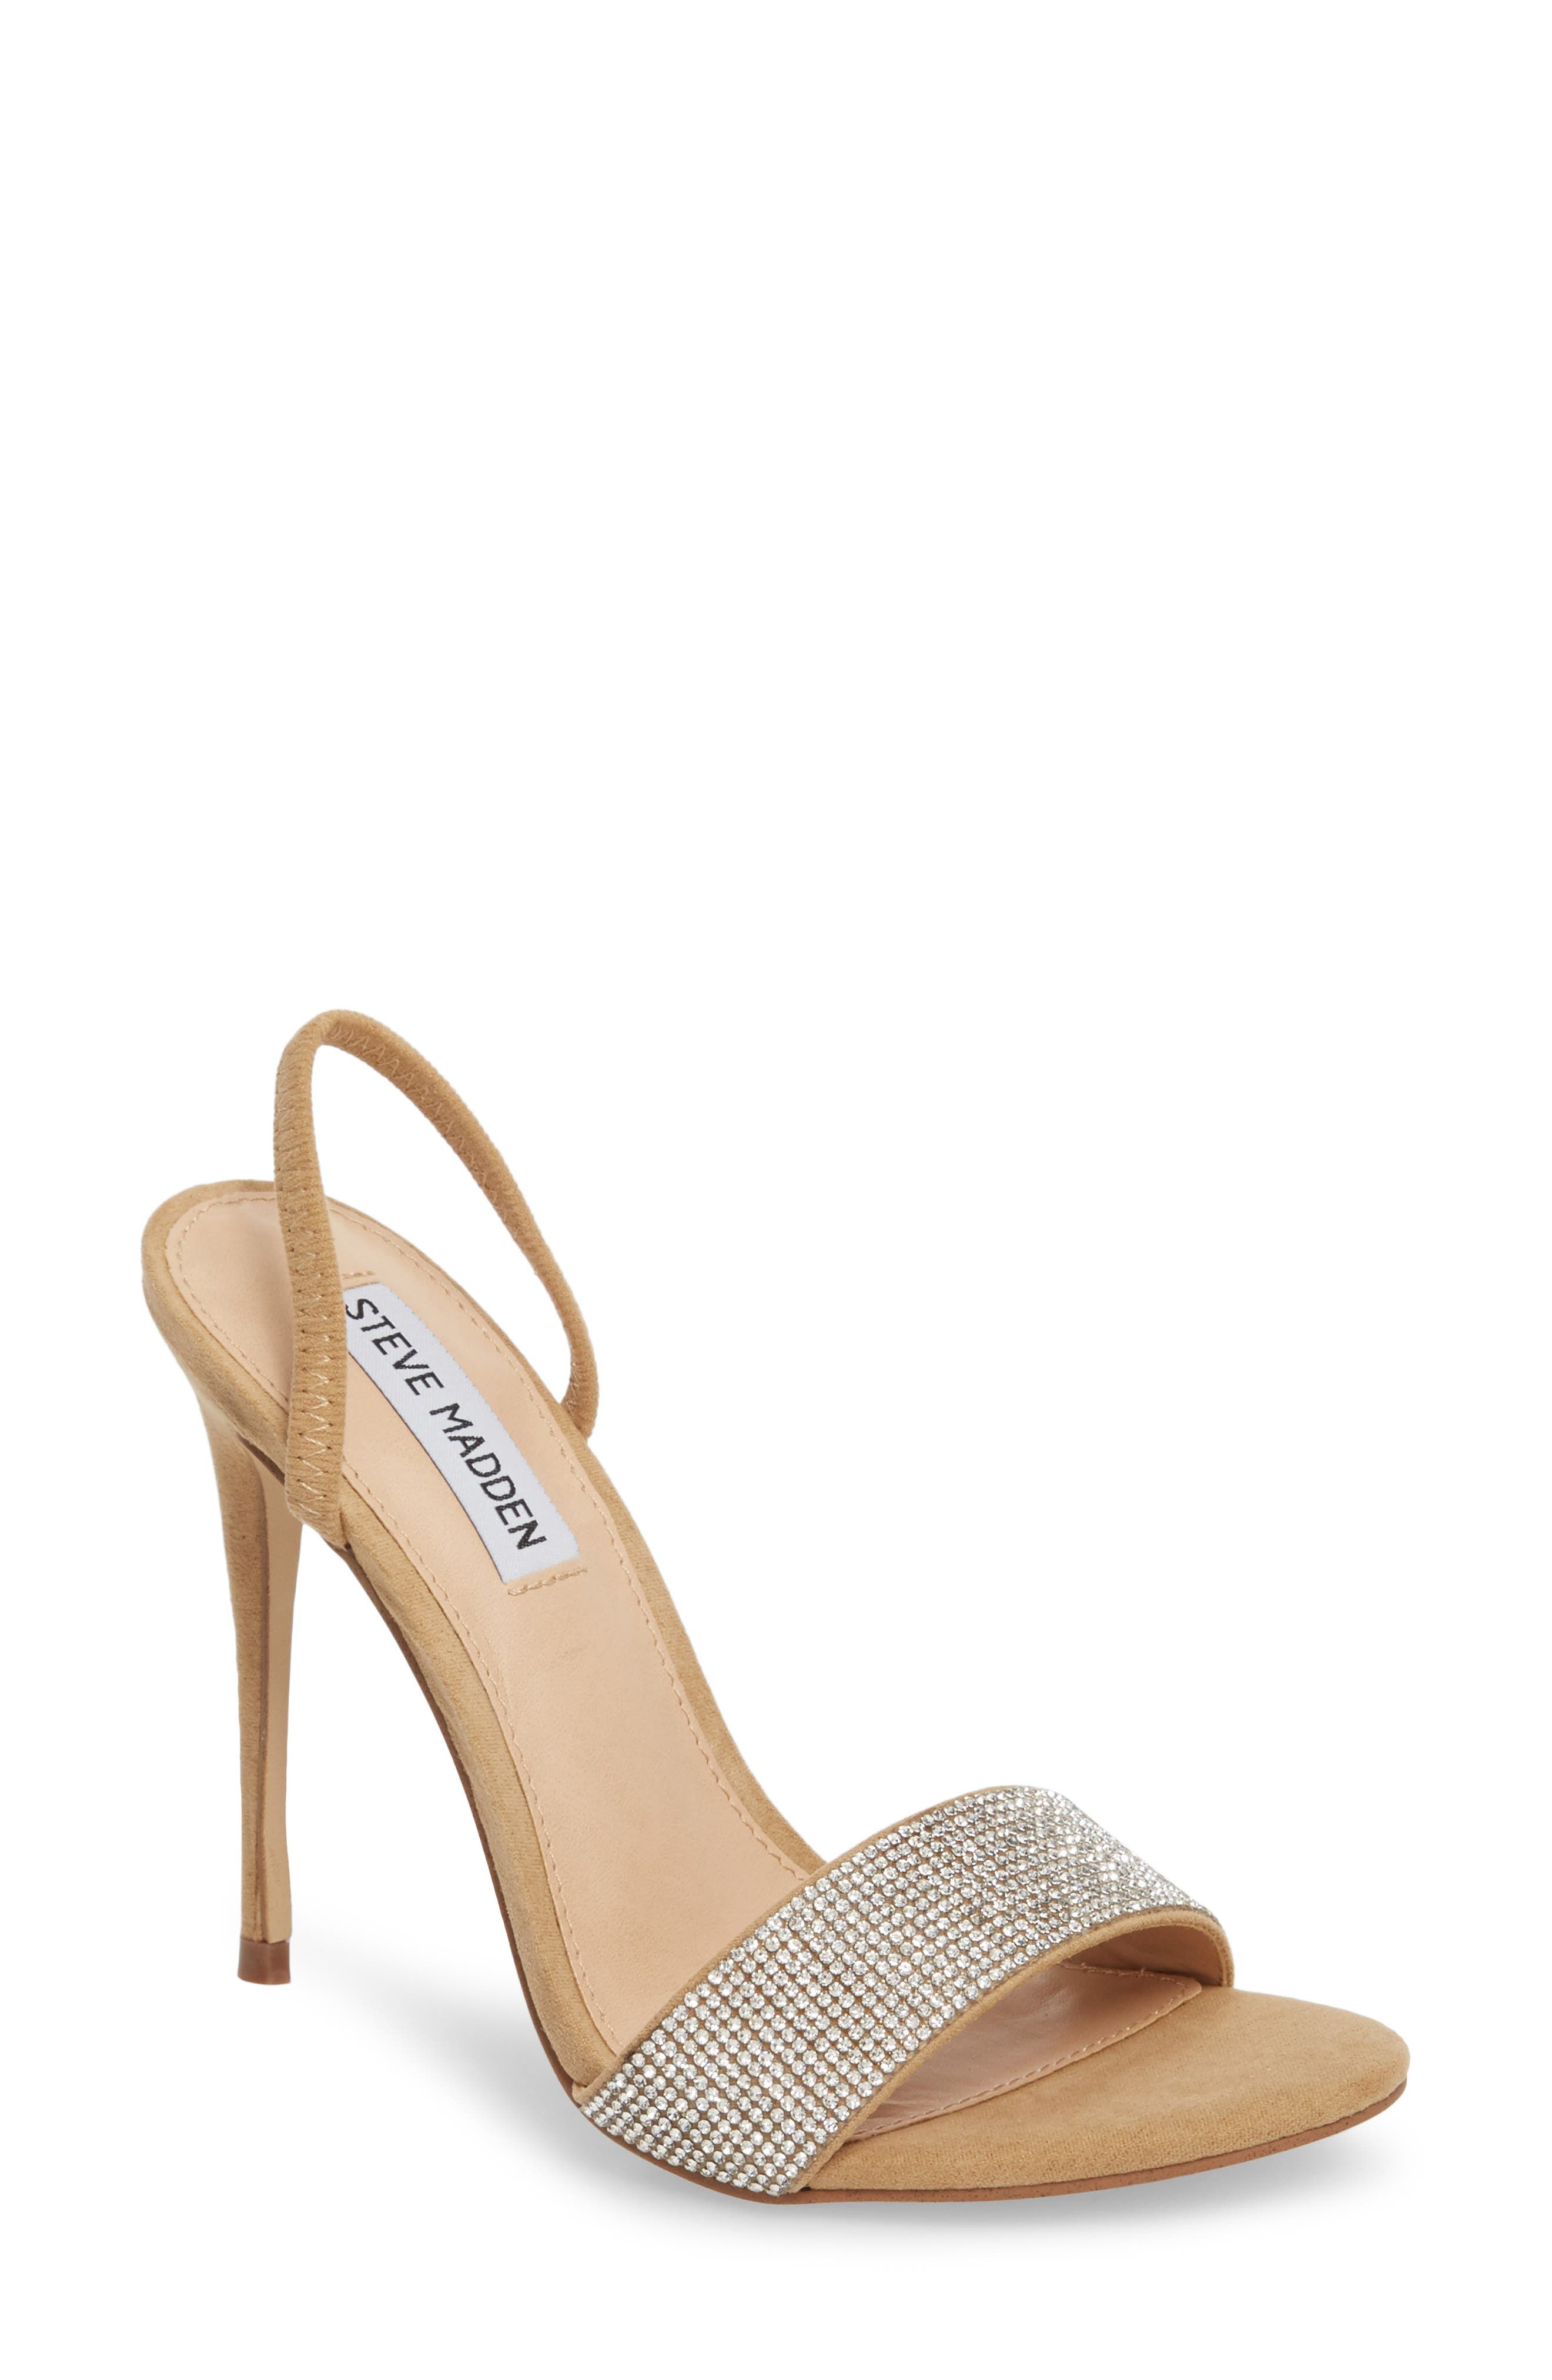 Fierce Sandal,                         Main,                         color,